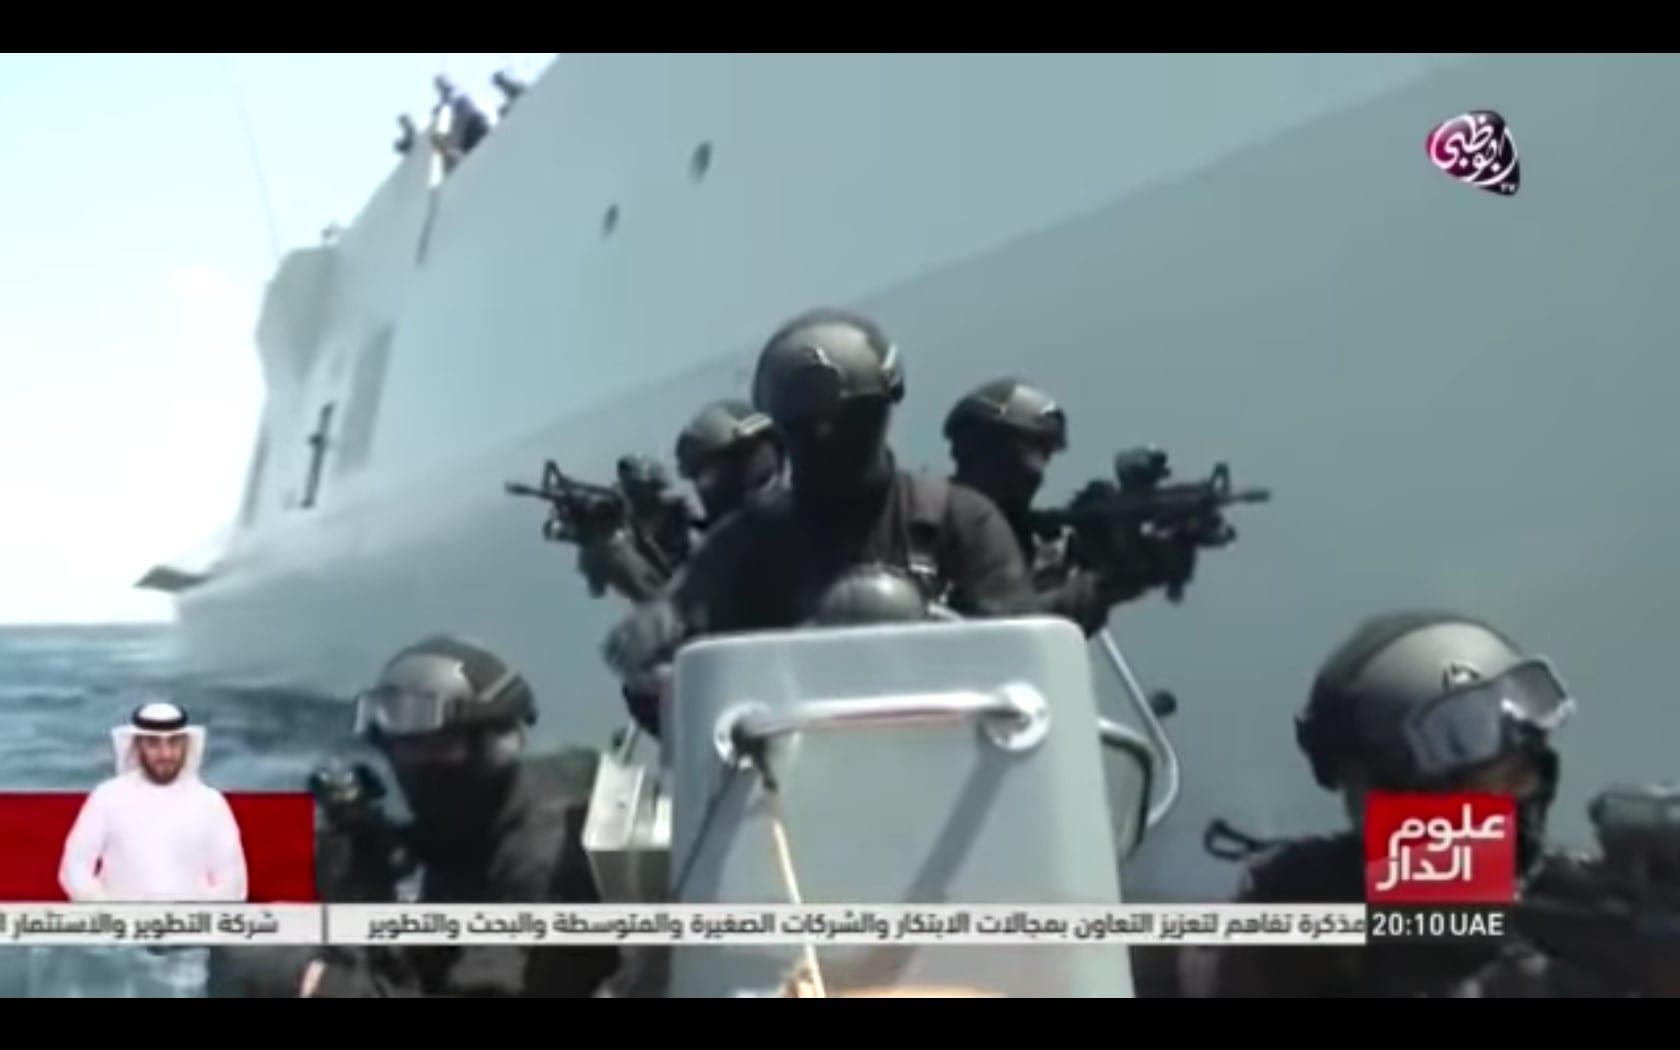 En reportage fra emiratisk tv viser, hvordan et emiratisk krigsskib med radarsystemer fra Terma stopper et  fragtskib som led i blokaden af Yemen. Optagelser fra Aloom al-Daar / Youtube 2015